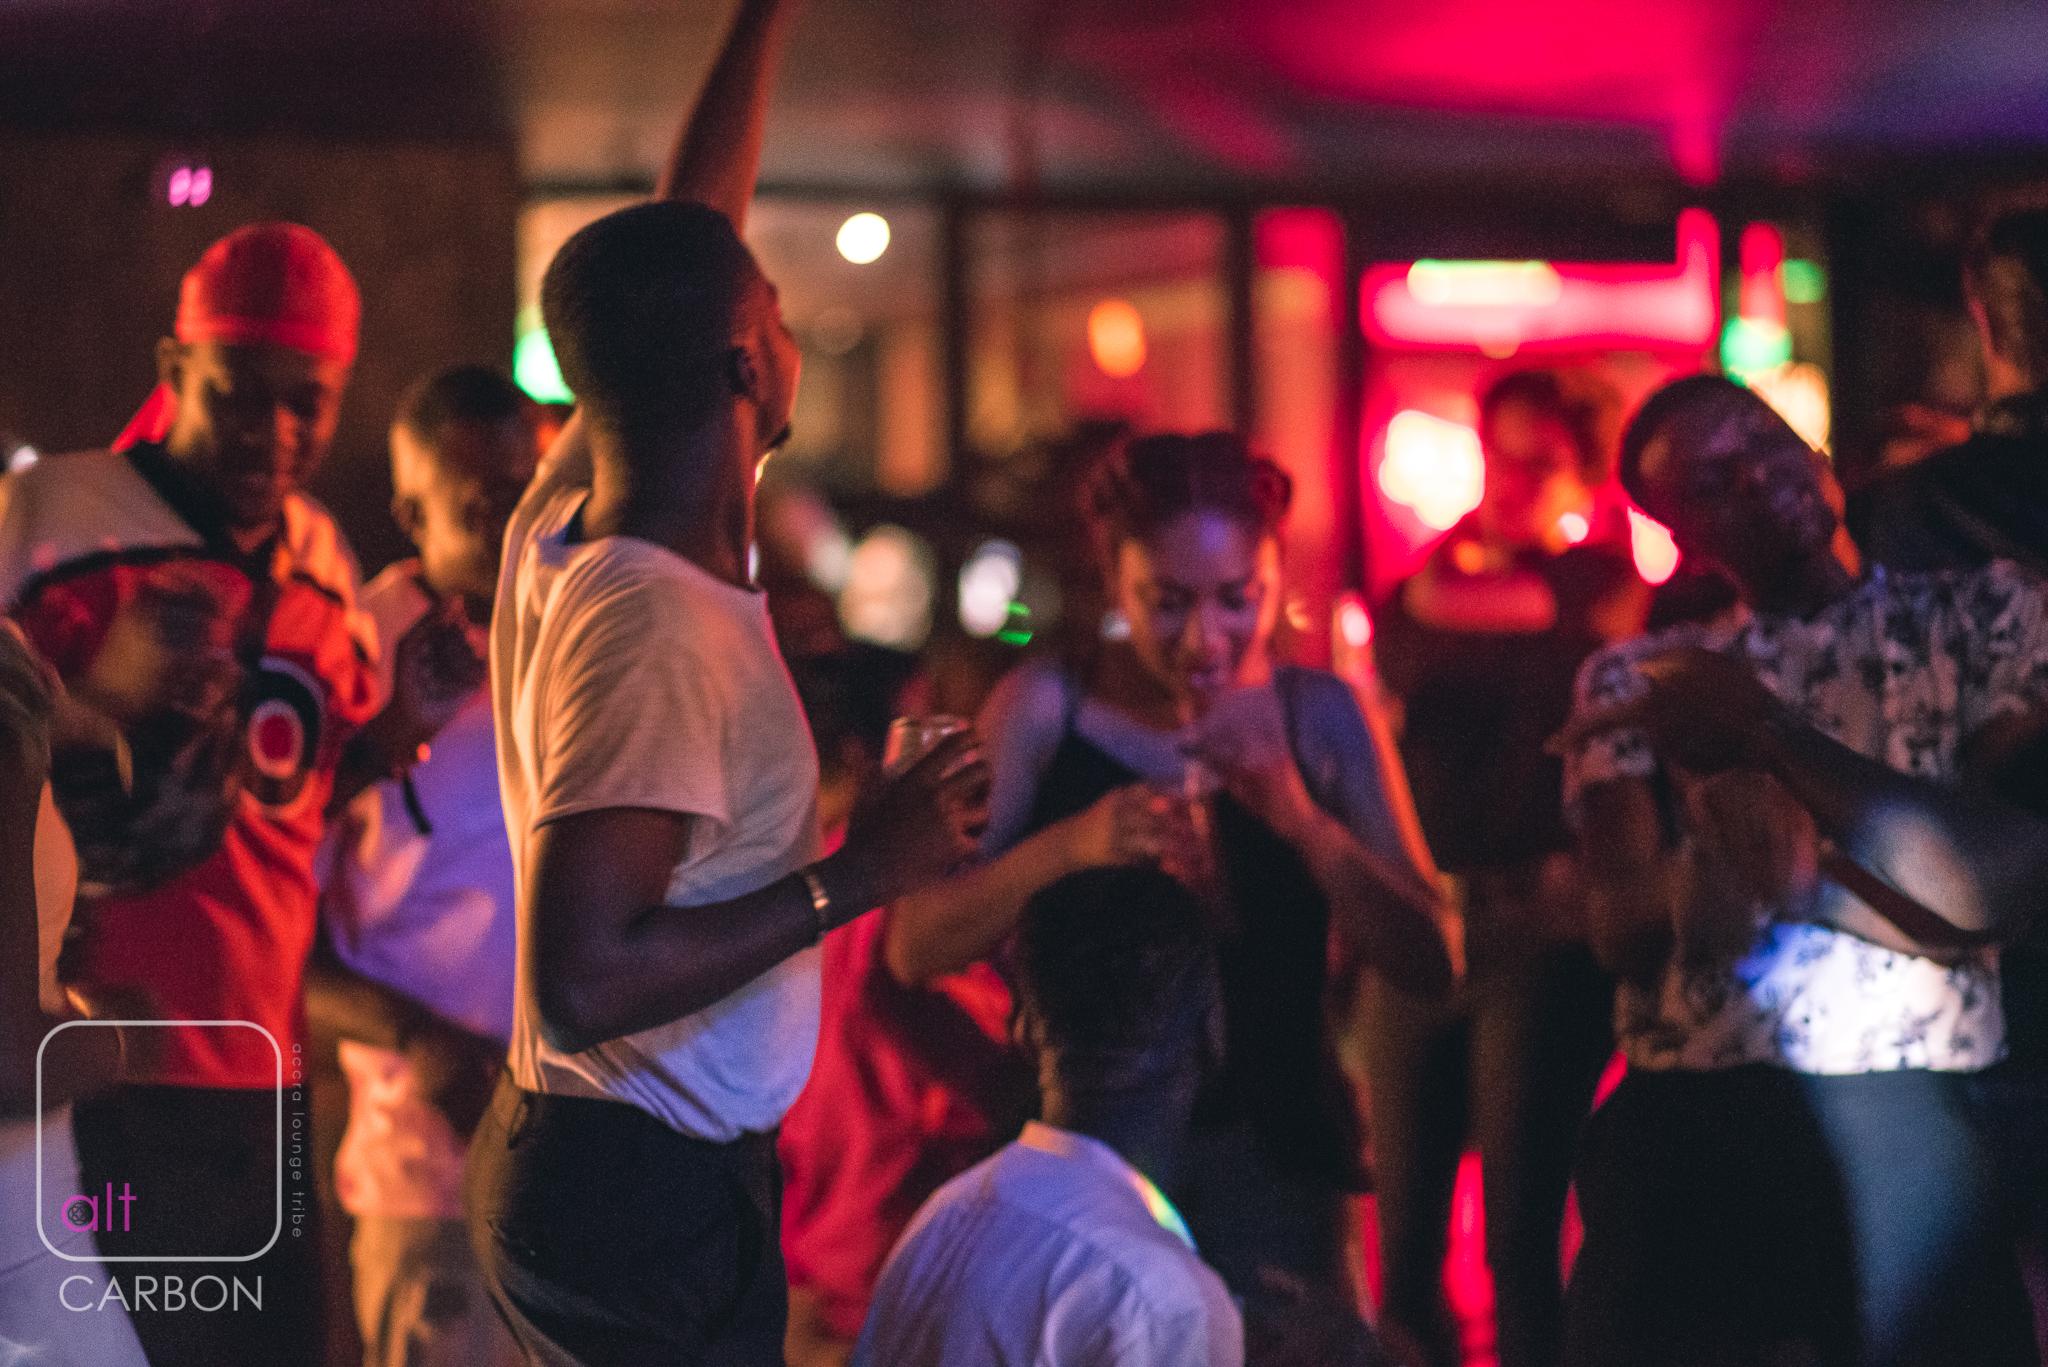 Accra Nightlife: Altcarbon